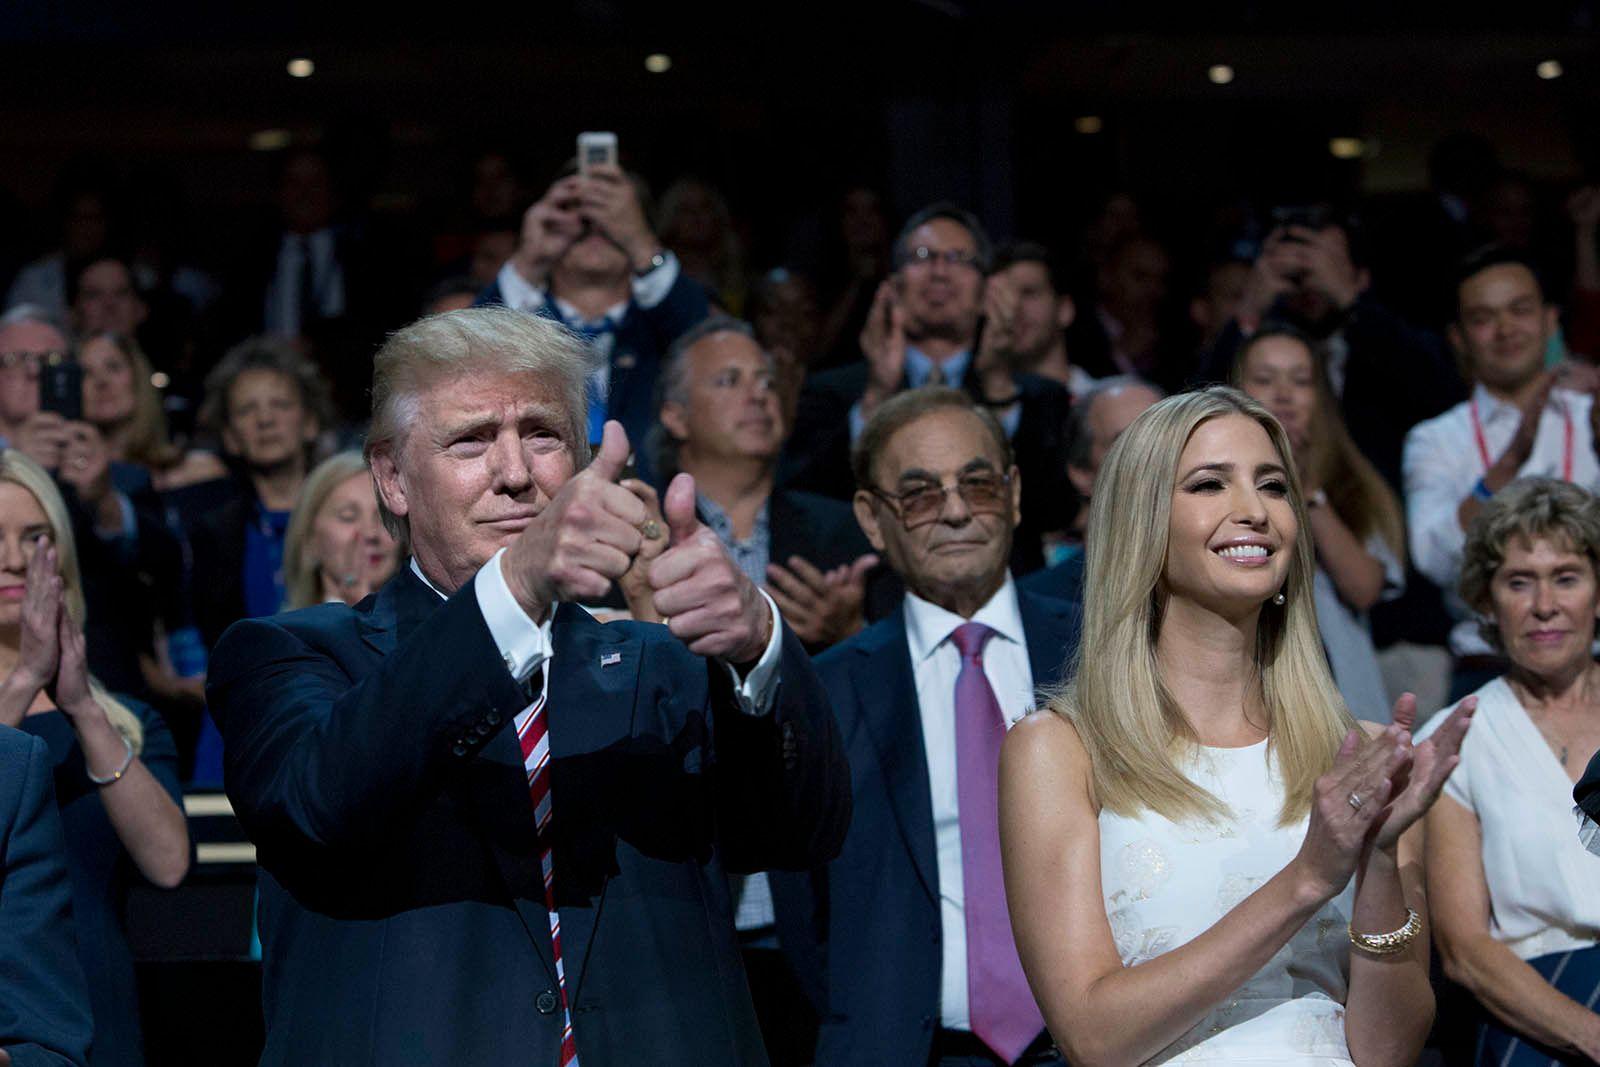 TOMMEL OPP: Donald Trump satt i salen under Cruz' tale. Han ga tommelen opp til publikum da de buet Texas-senatoren ut av scenen. Ved siden av sitter datteren Ivanka.